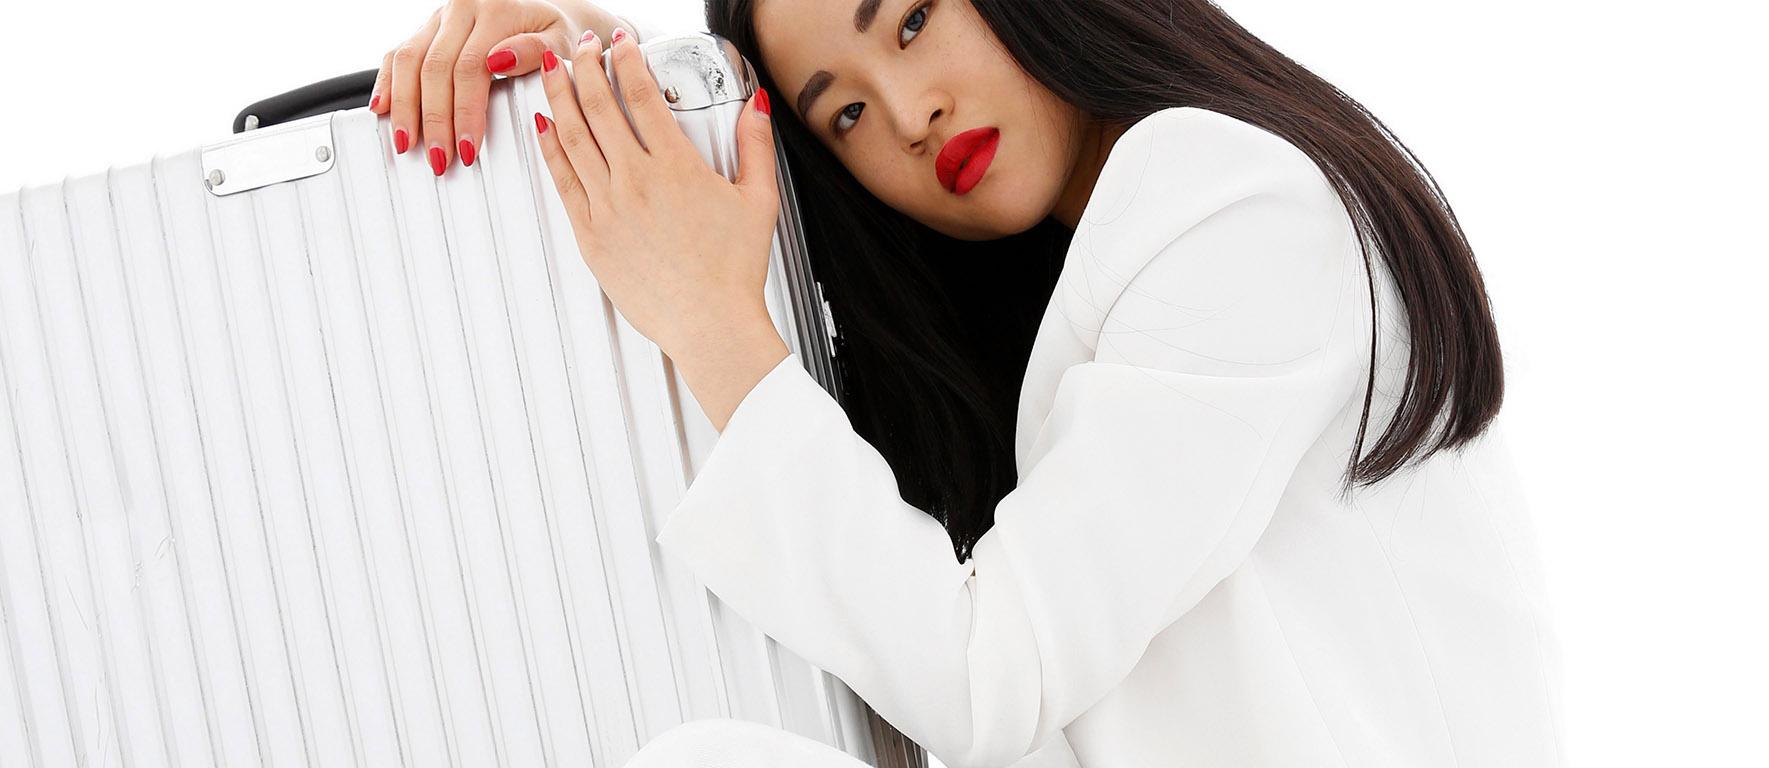 Rimowa x Fong Min Liao